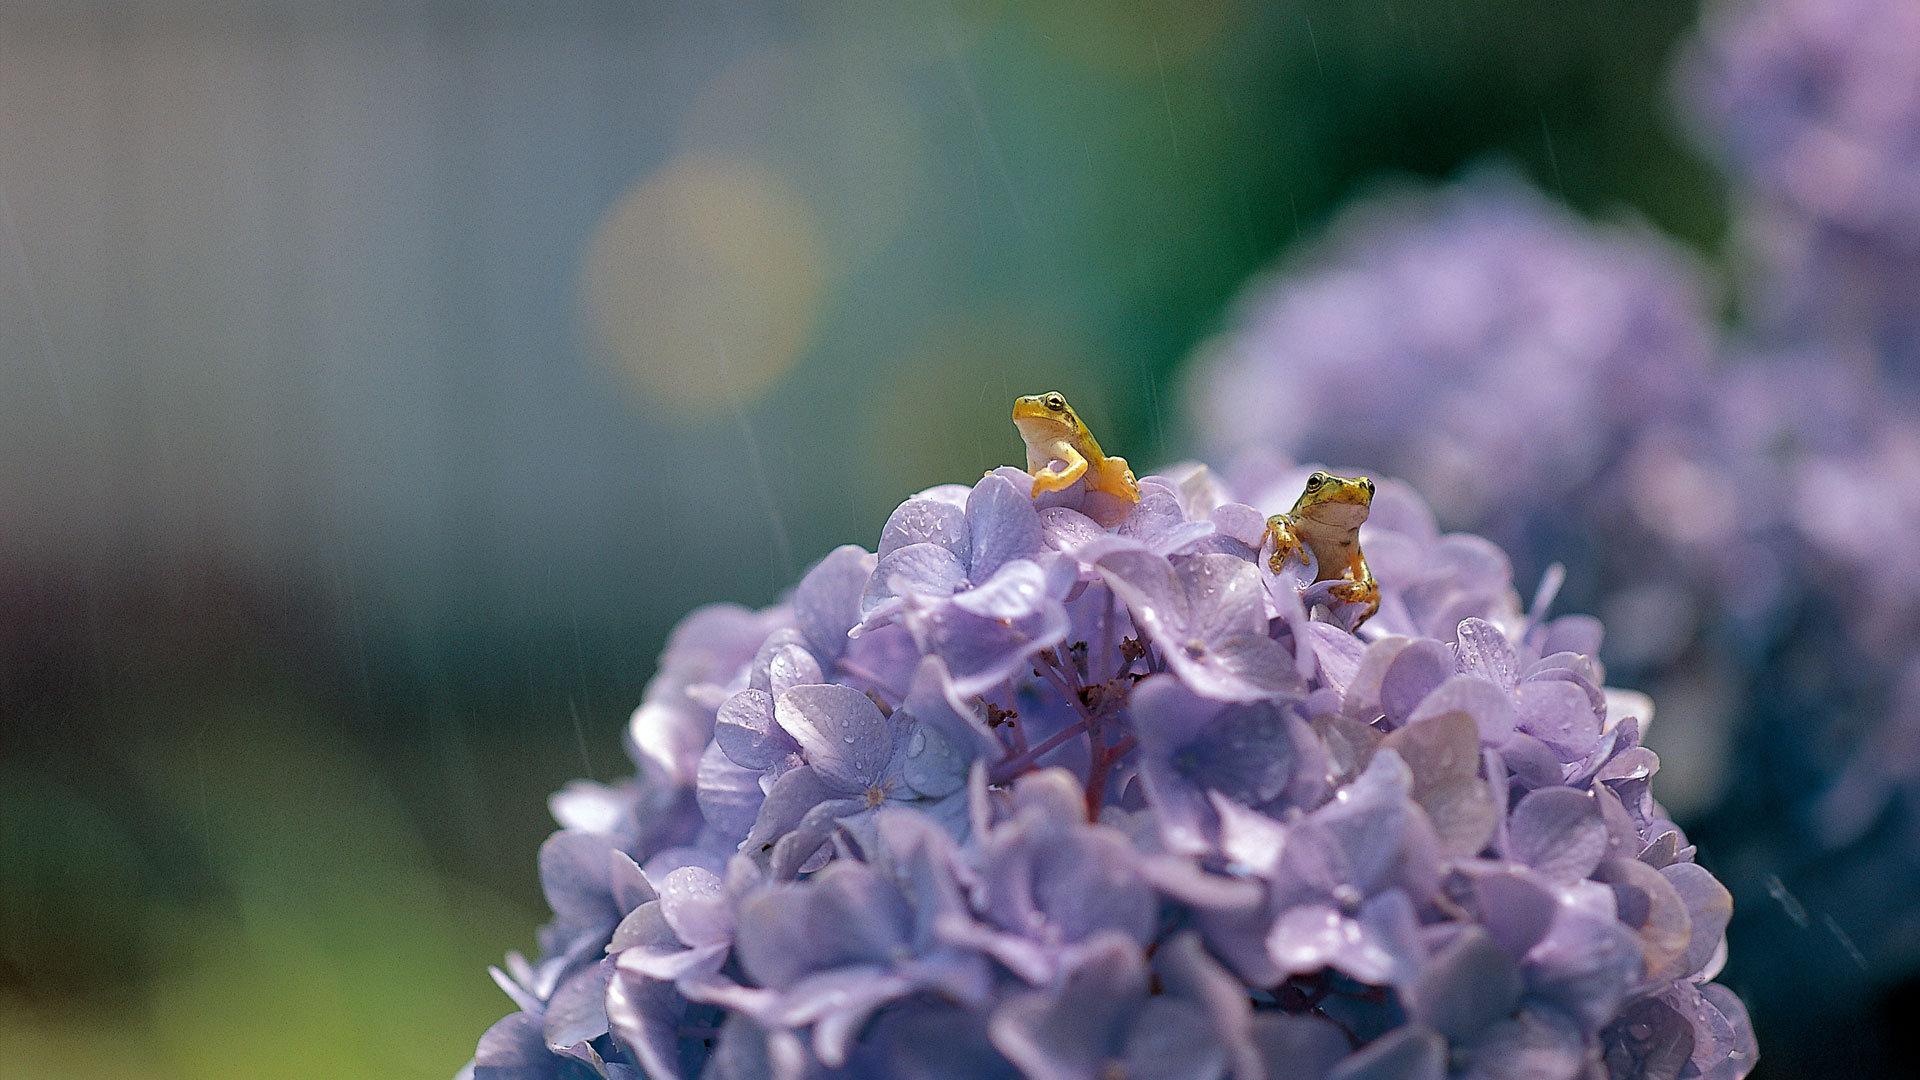 大叶绣球花上的一对日本树蛙